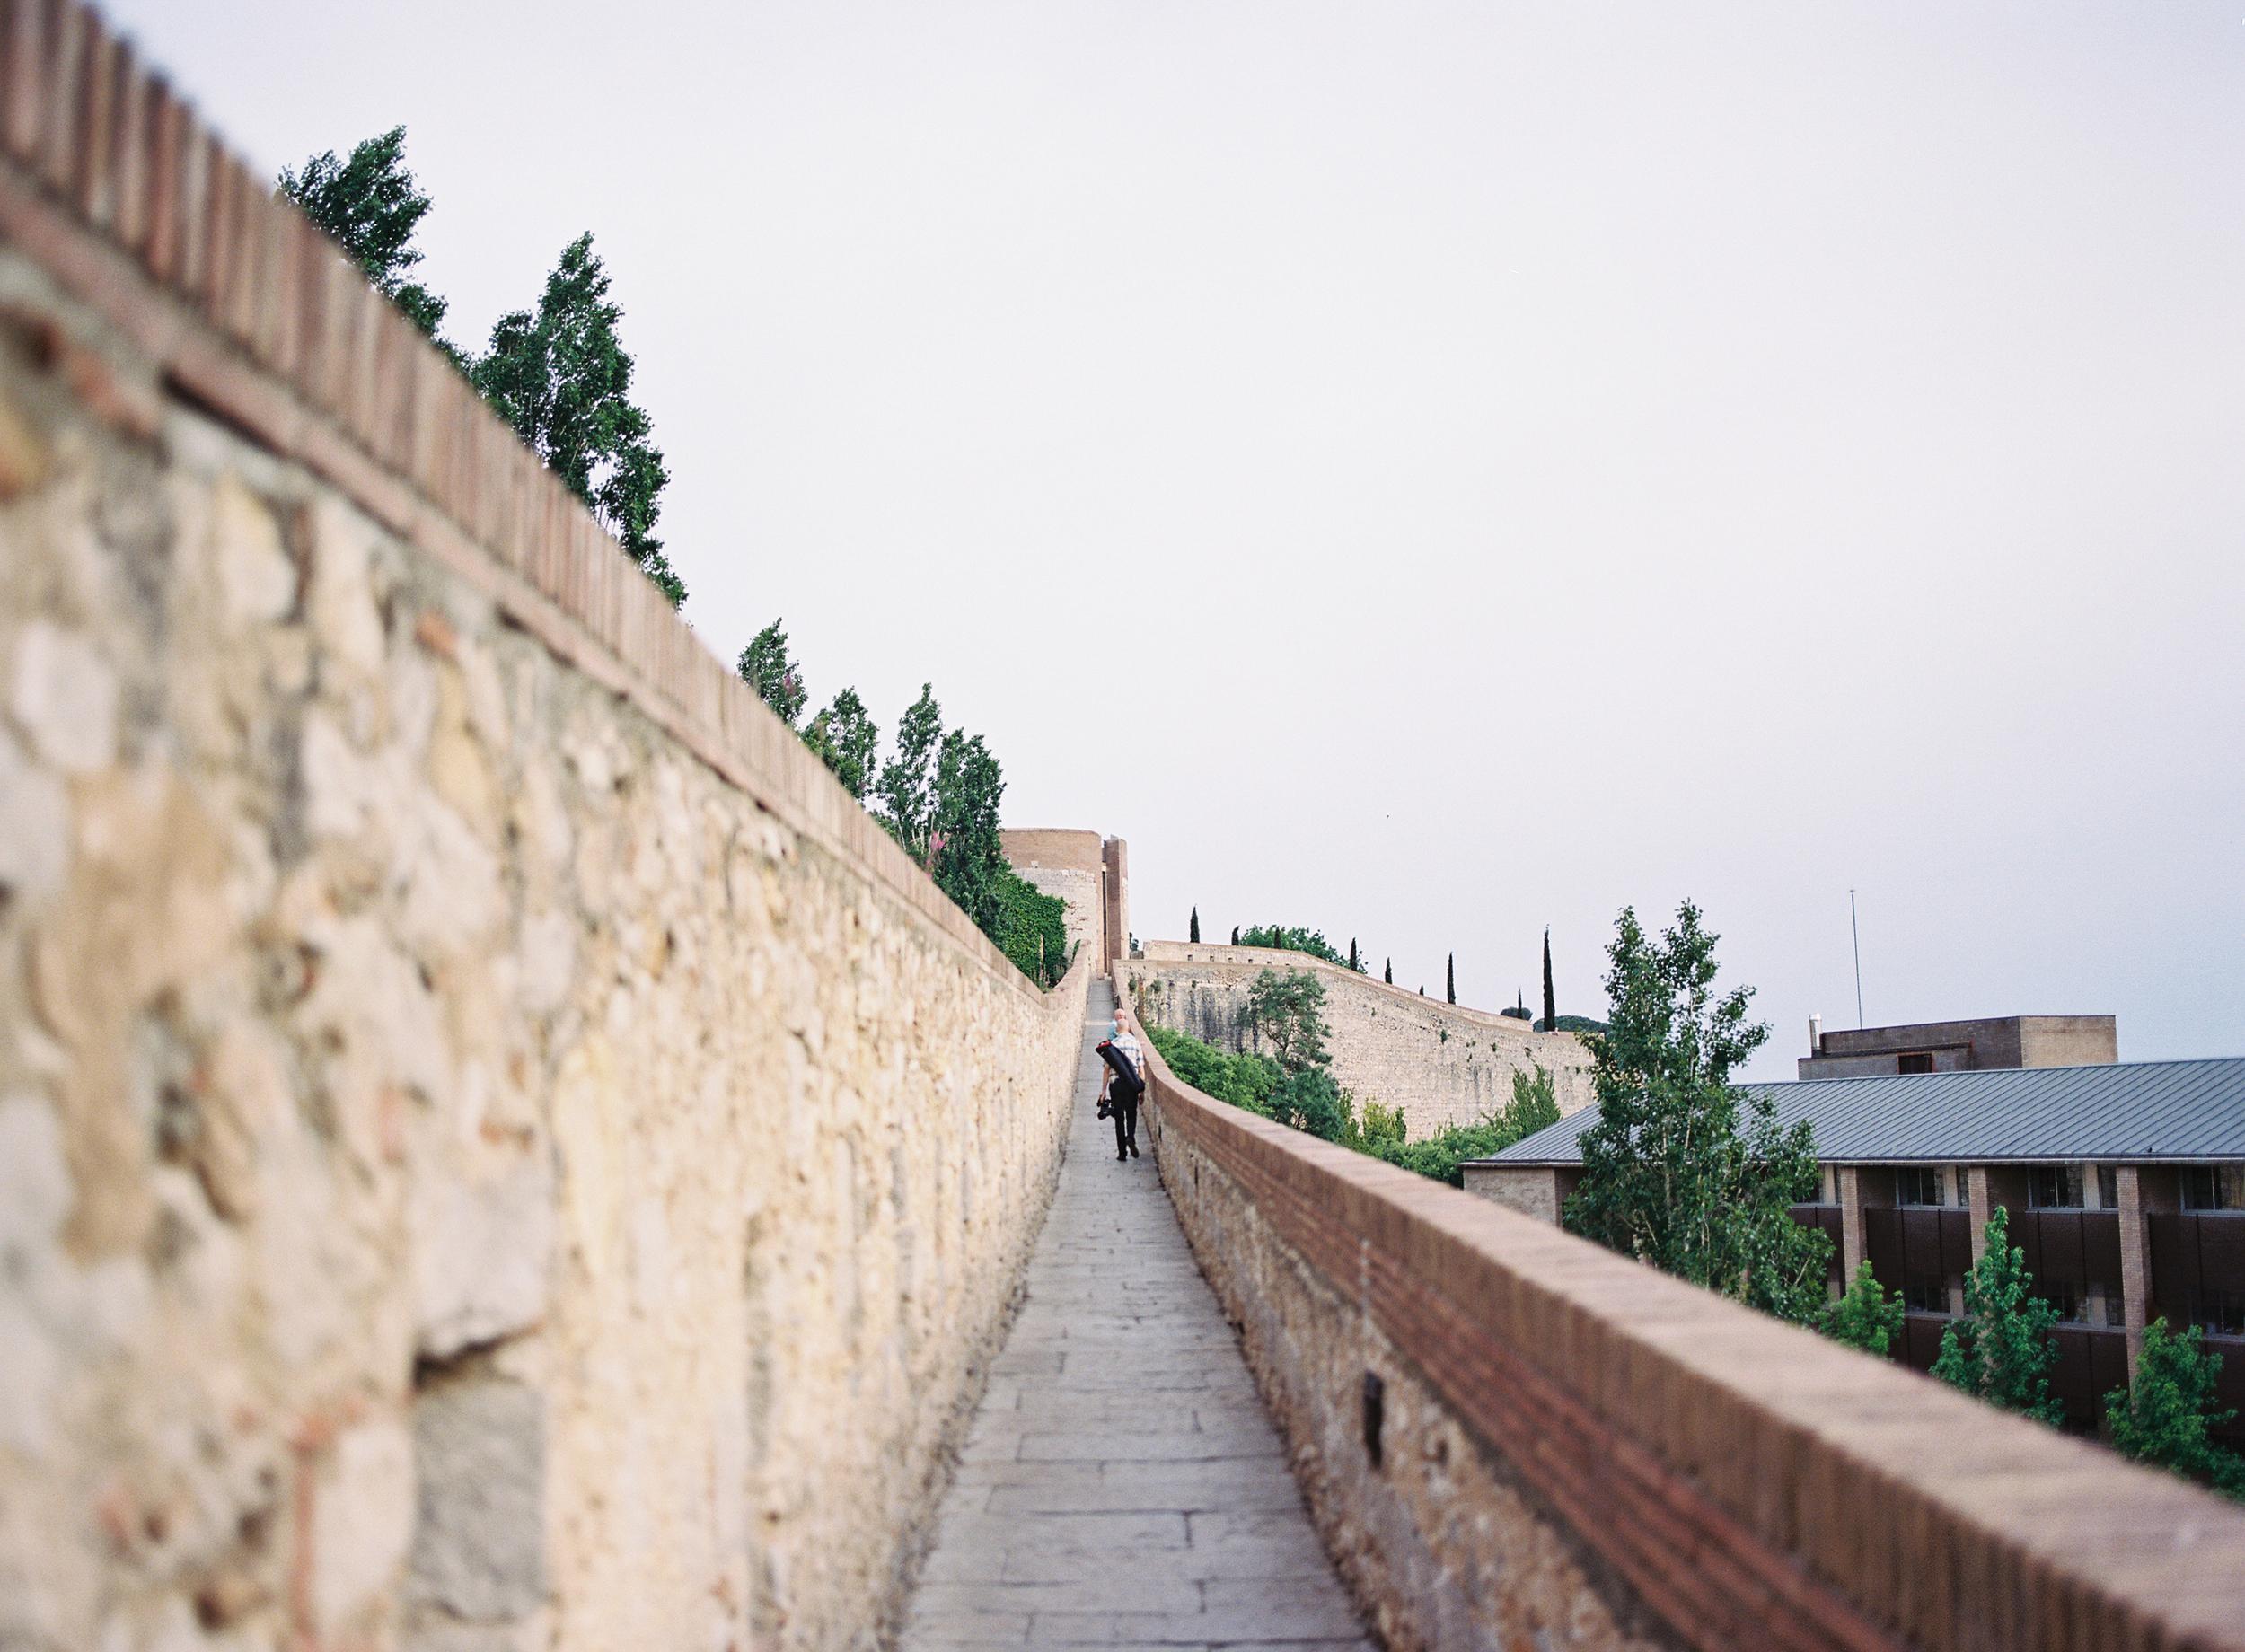 Filming from the city walls in Girona, Spain (Photo by  Jen Wojcik )